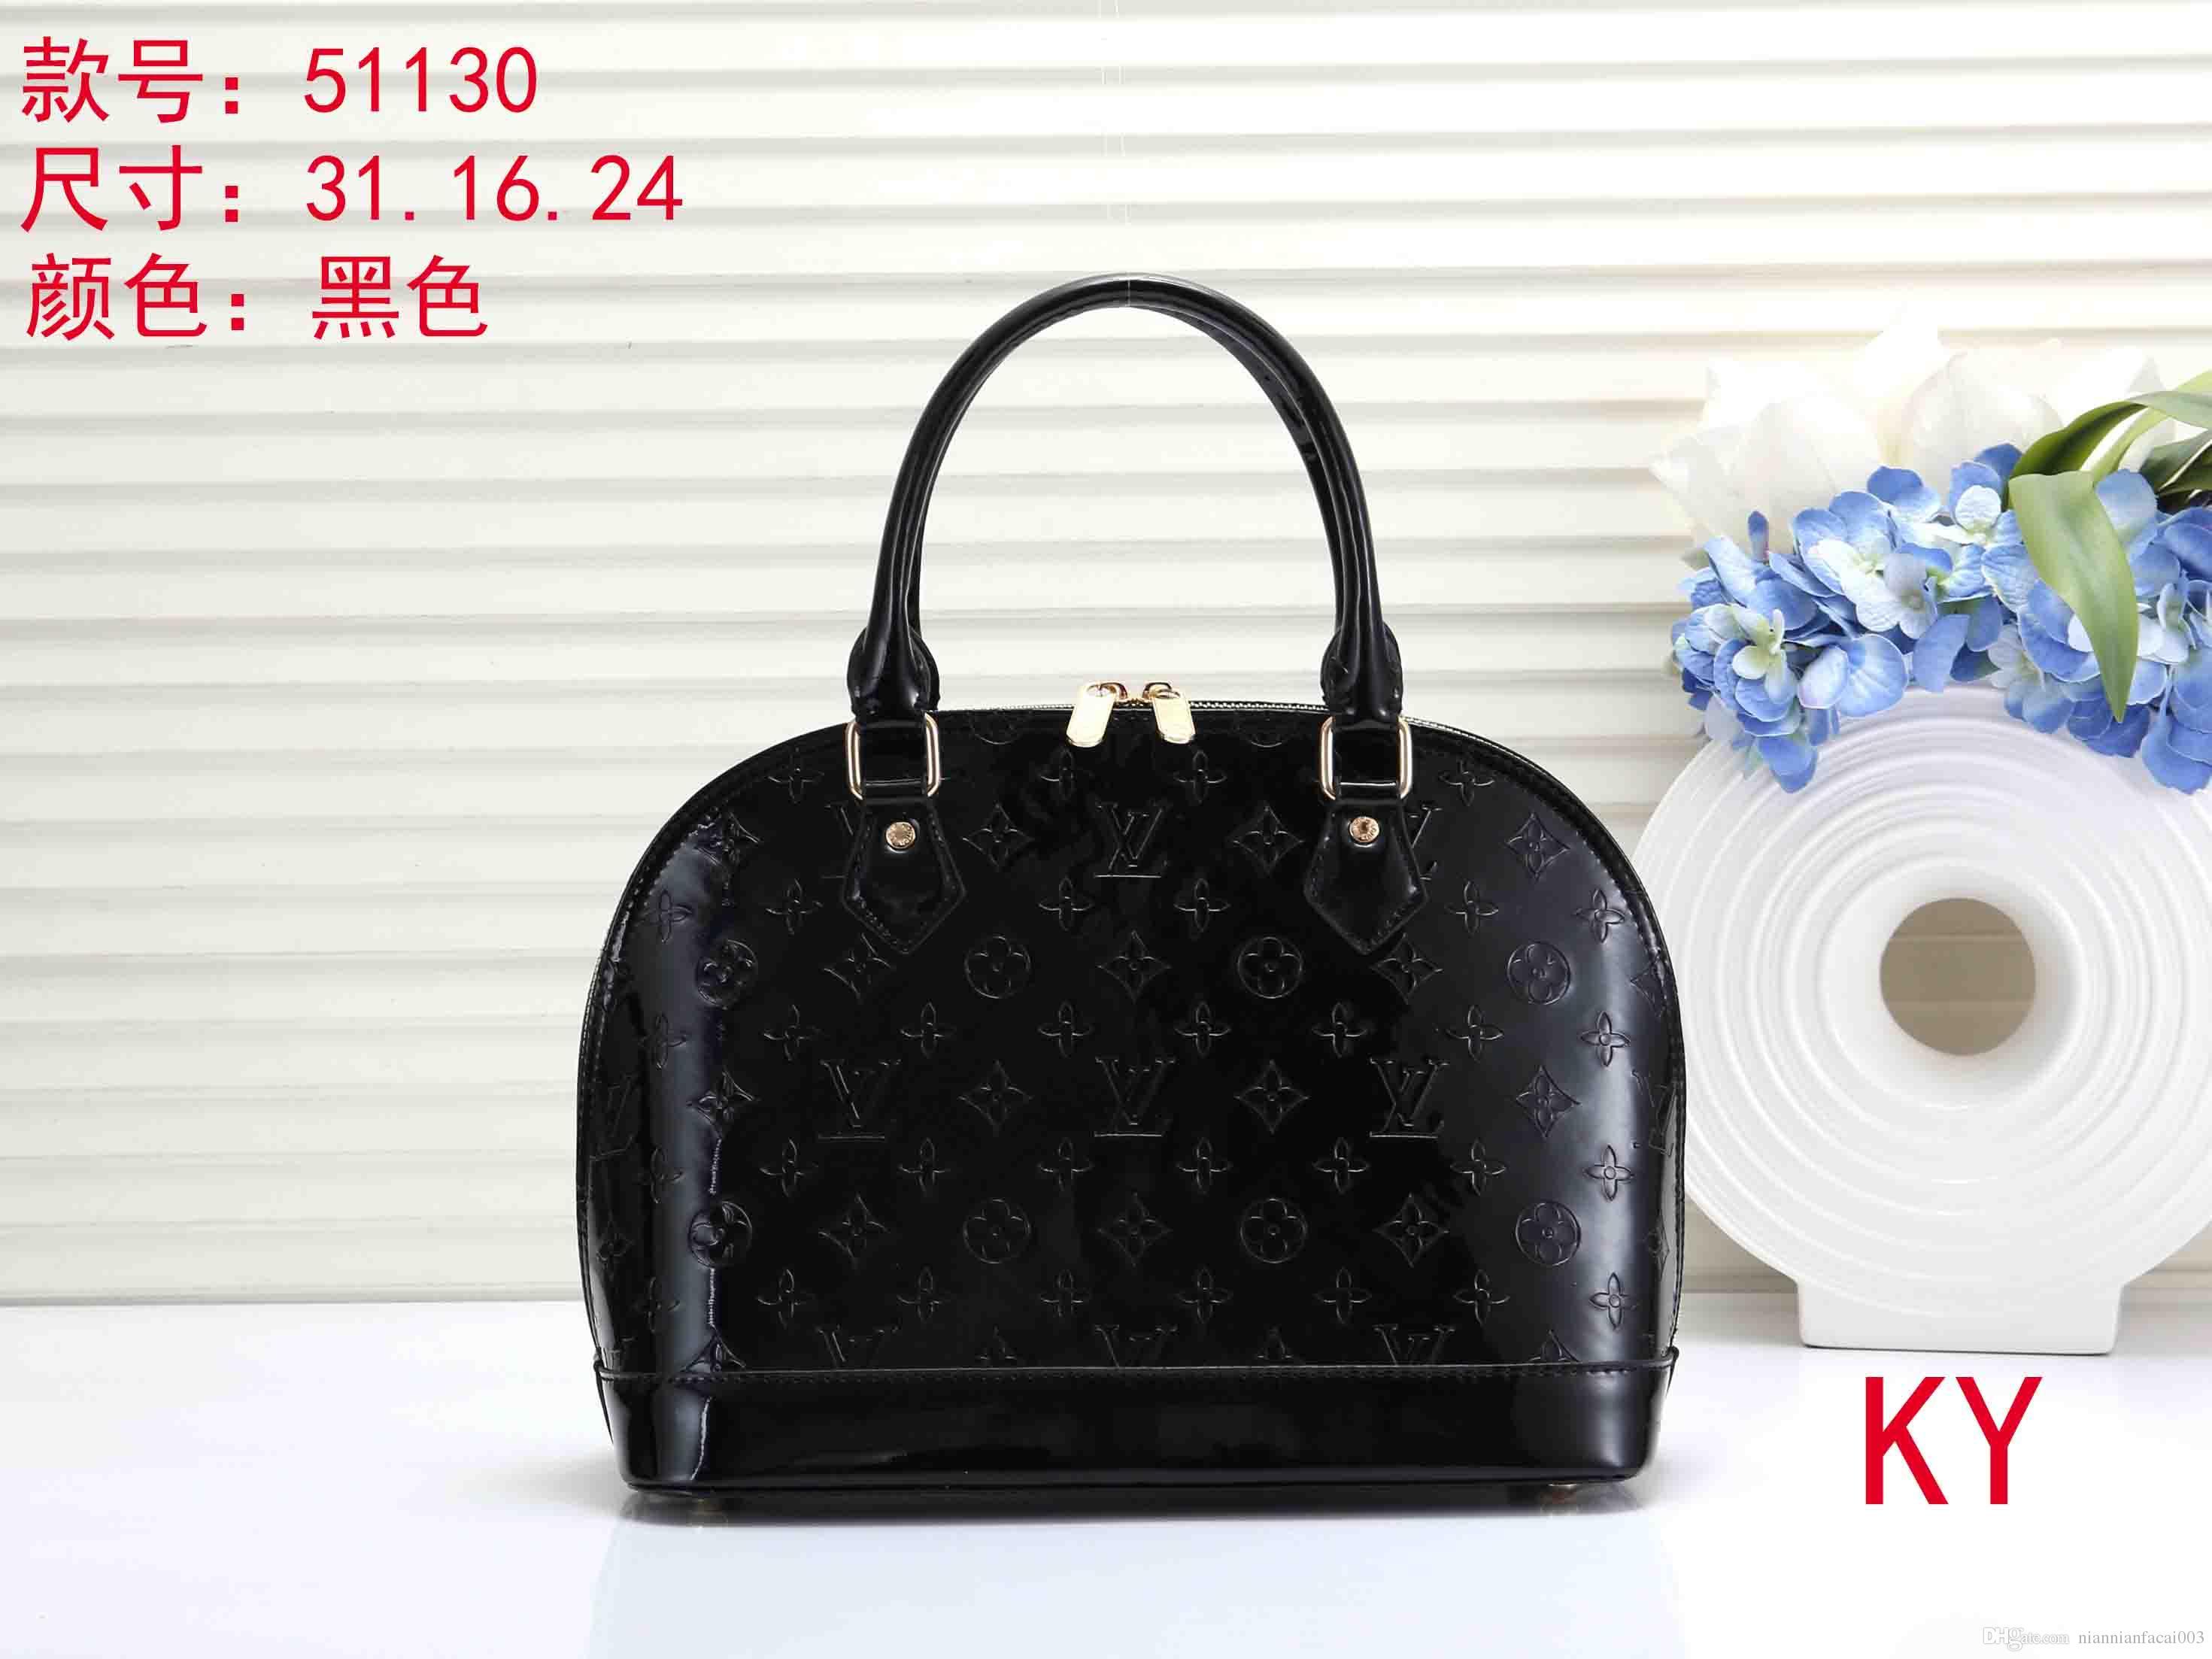 5c8e0fca7dd310 Free Mailing New Handbag 2019 Summer Fashion Handbag Ladies Large ...